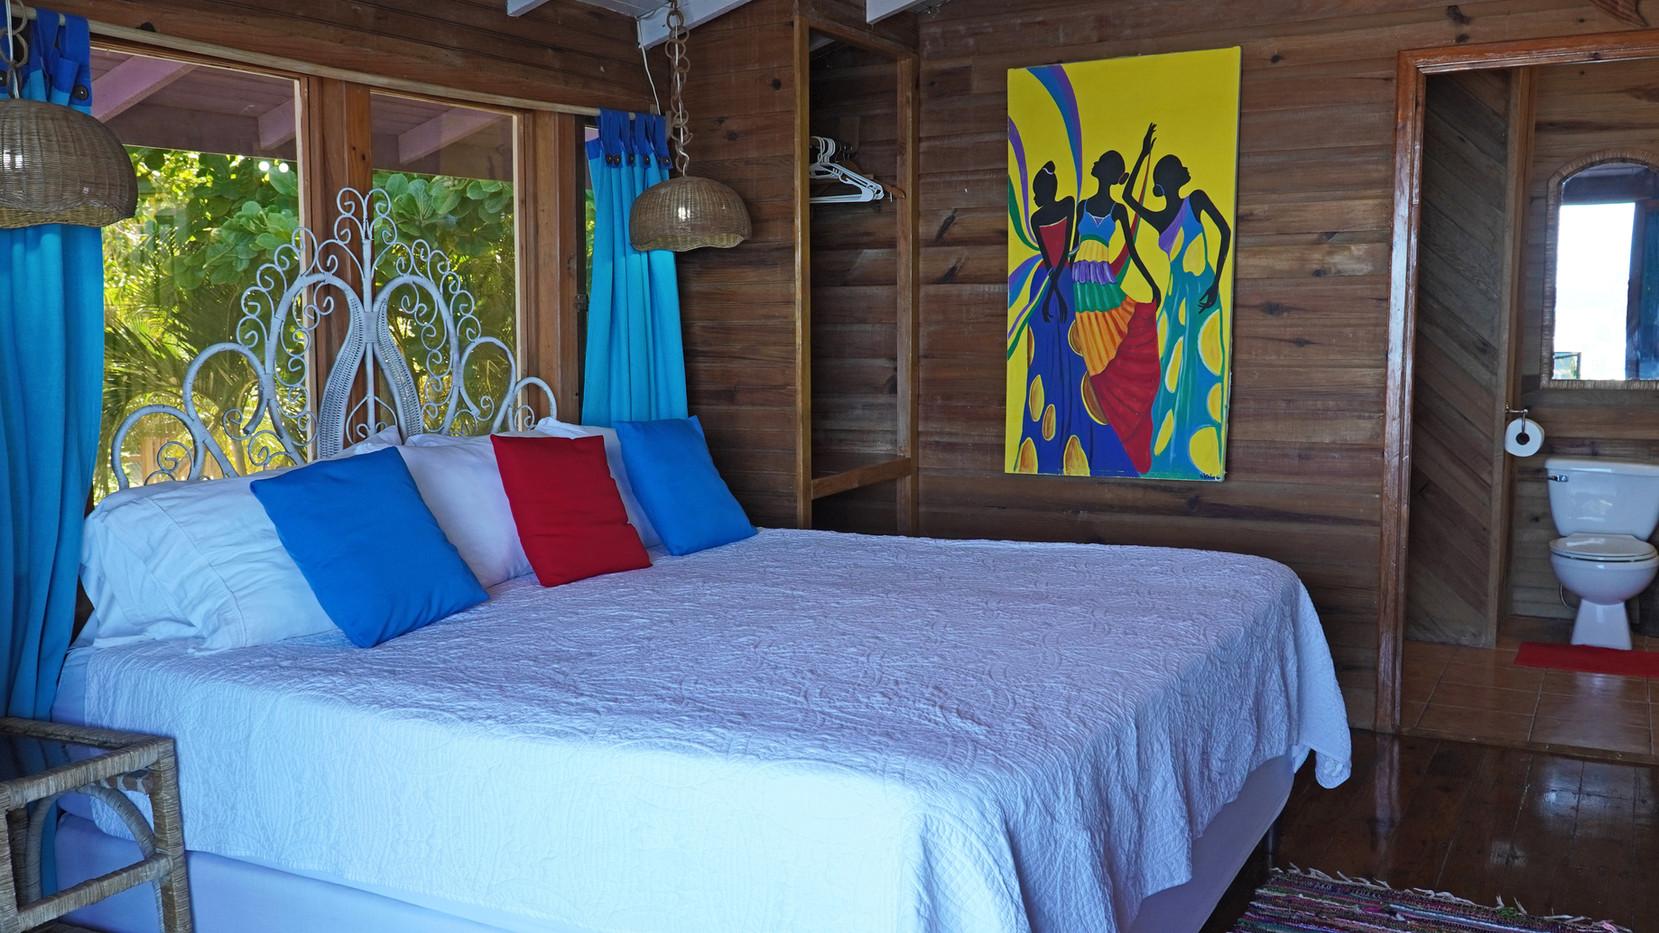 Main-House-room-1-view-window-1.jpg